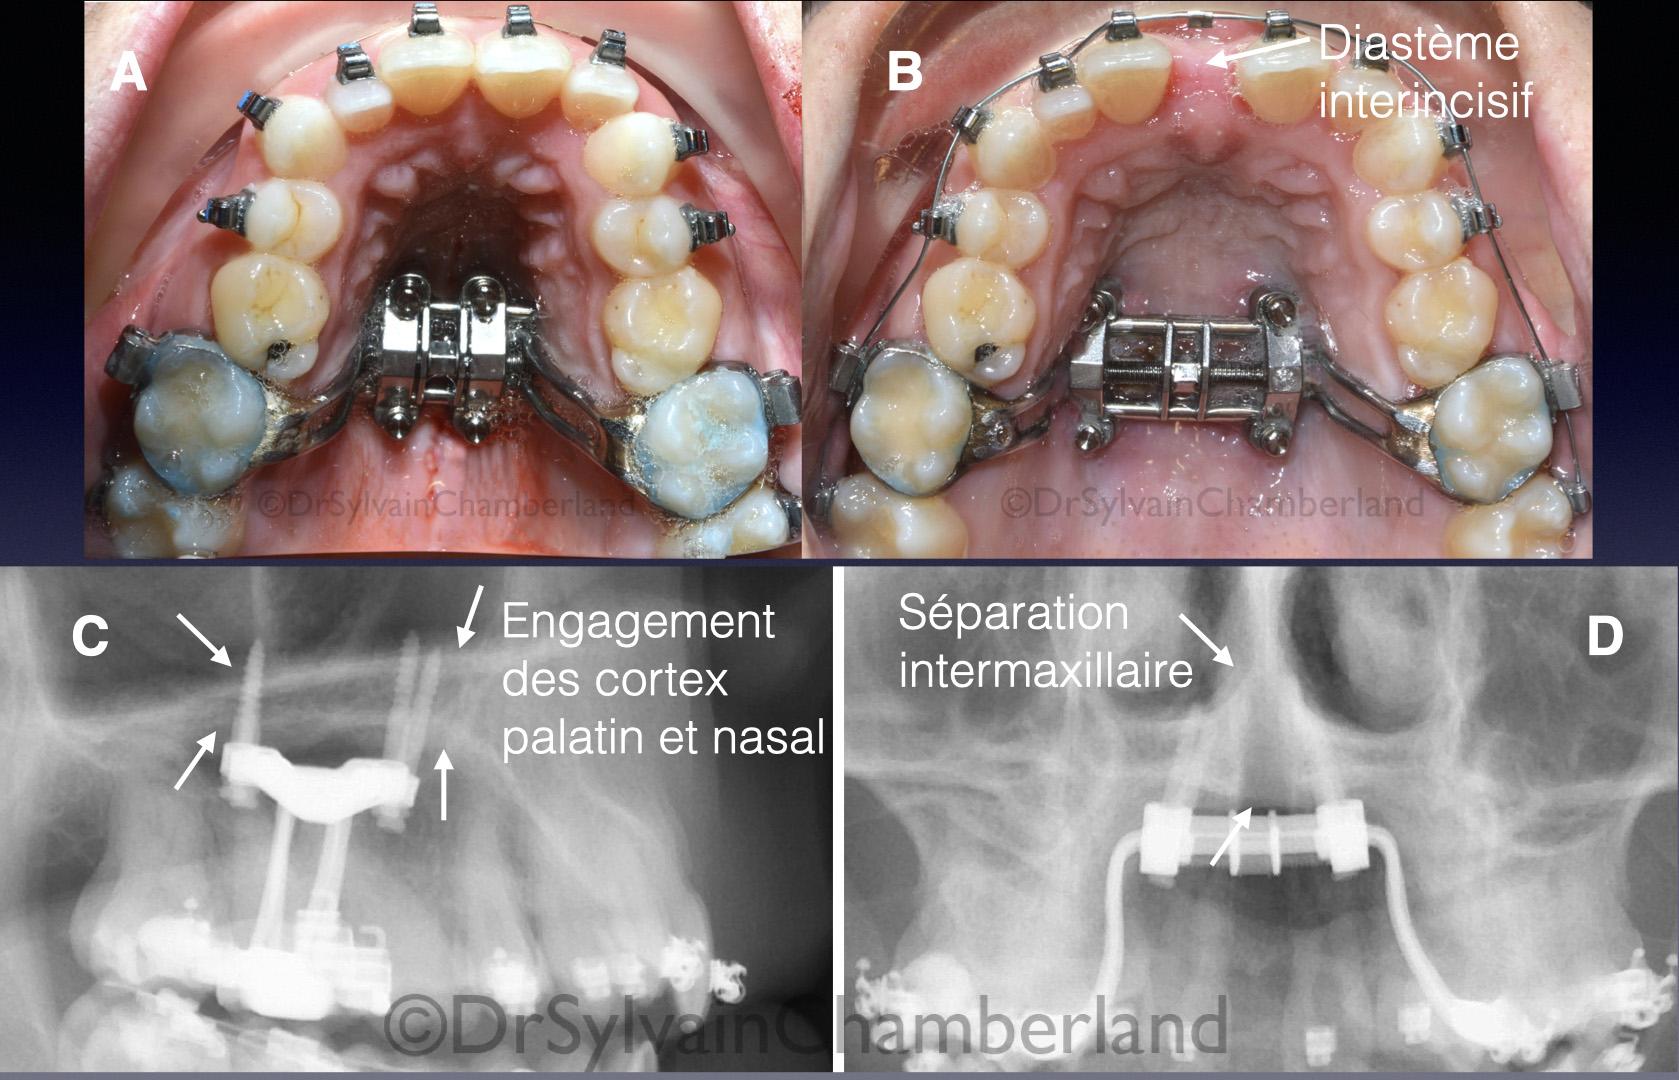 Vue intraorale de l'appareil MSE et téléradiographie